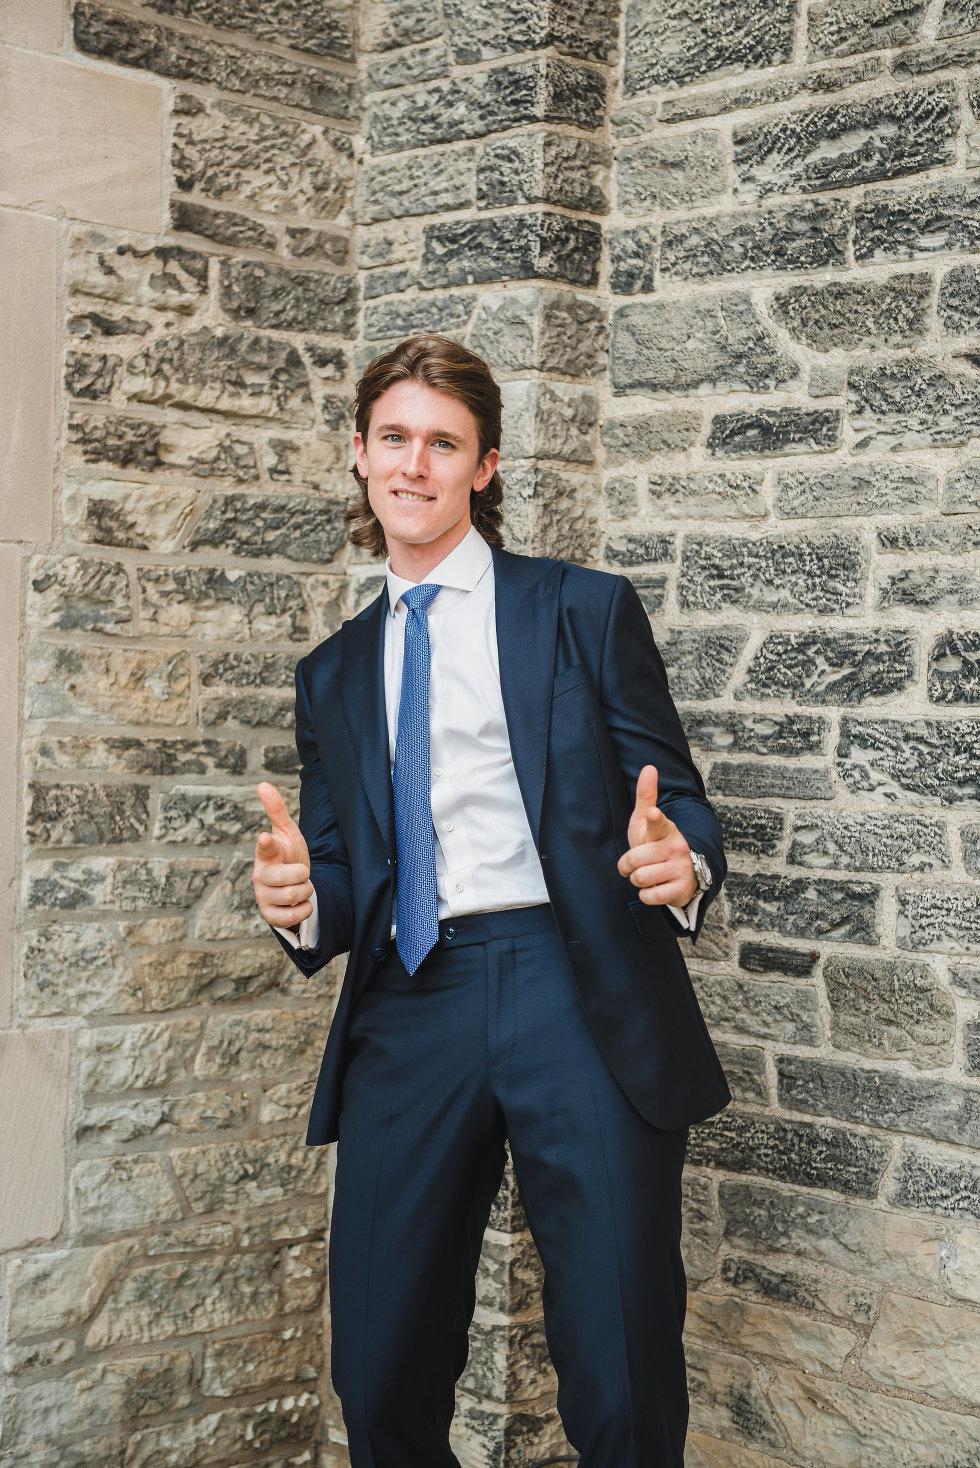 groom in front of brick wall shooting guns at camera Toronto wedding photography